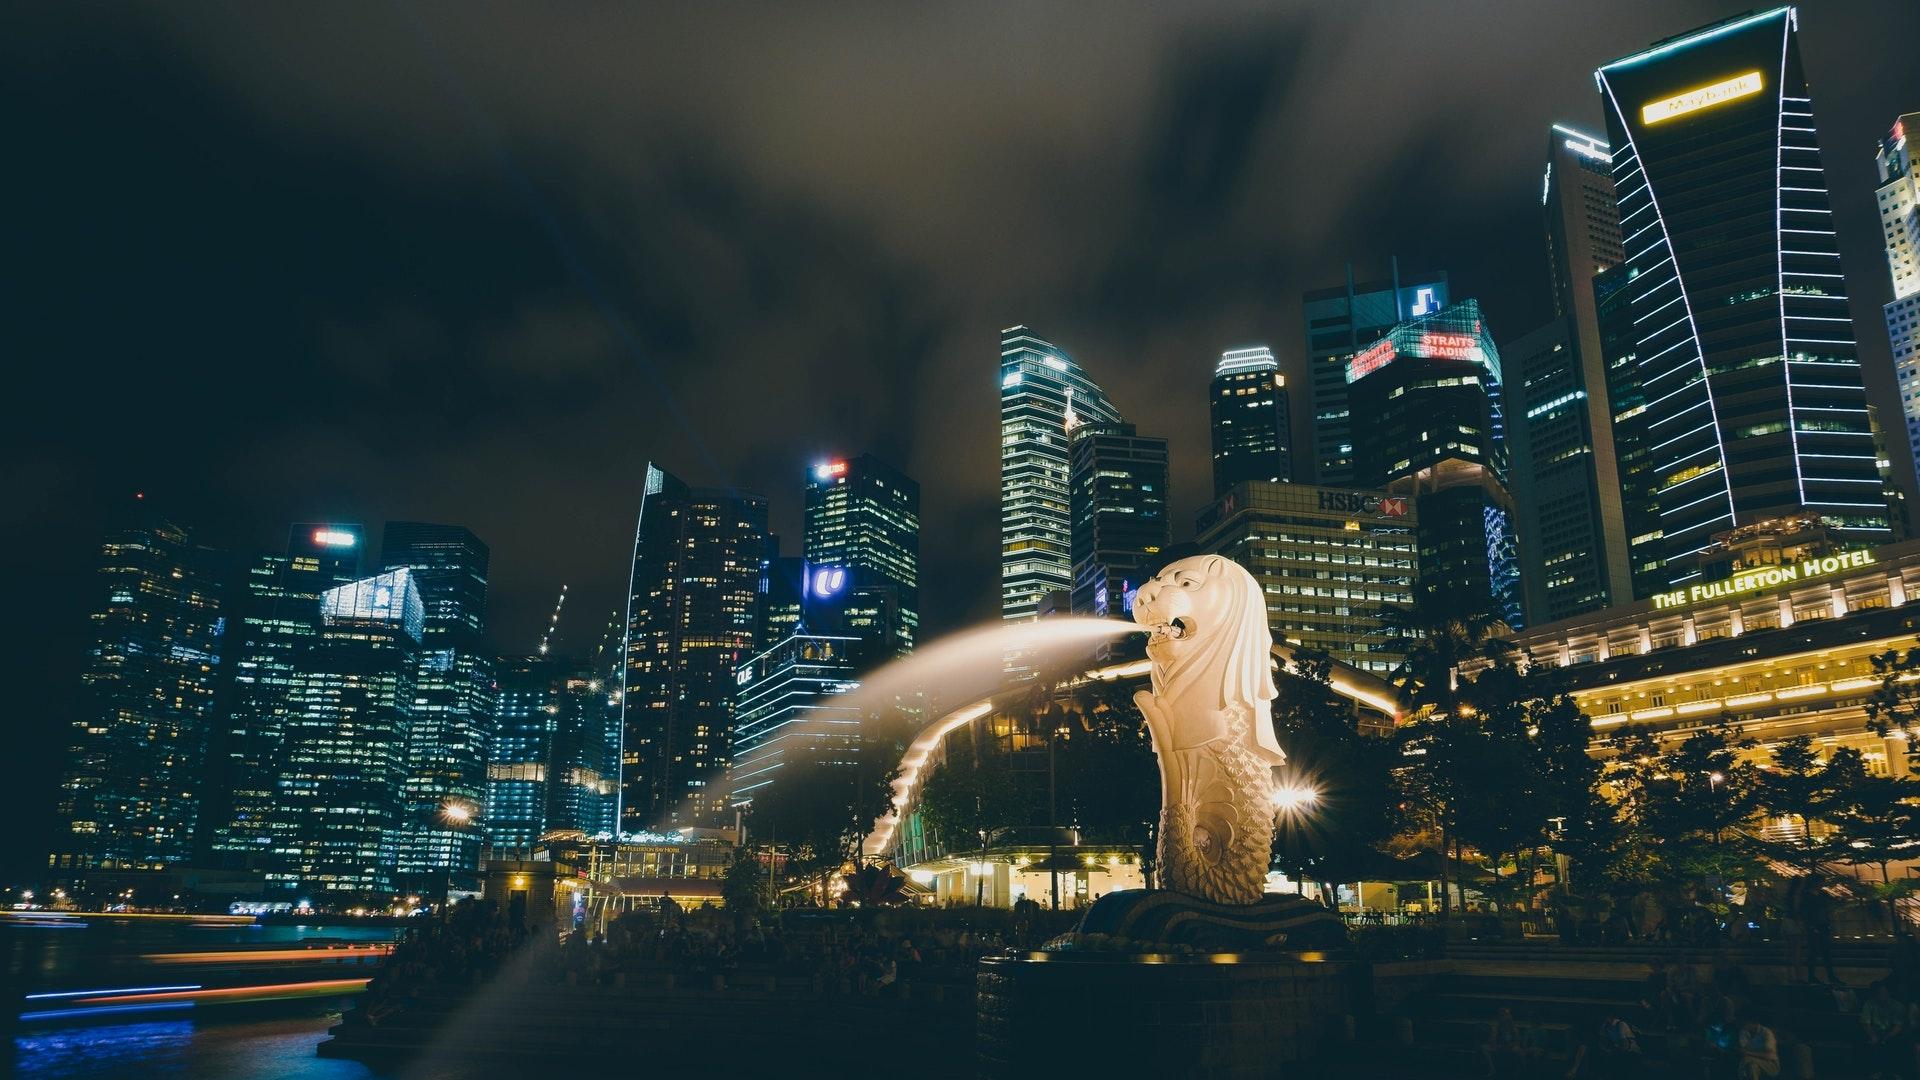 $436 - New York City (EWR) to Singapore on United (via SFO)